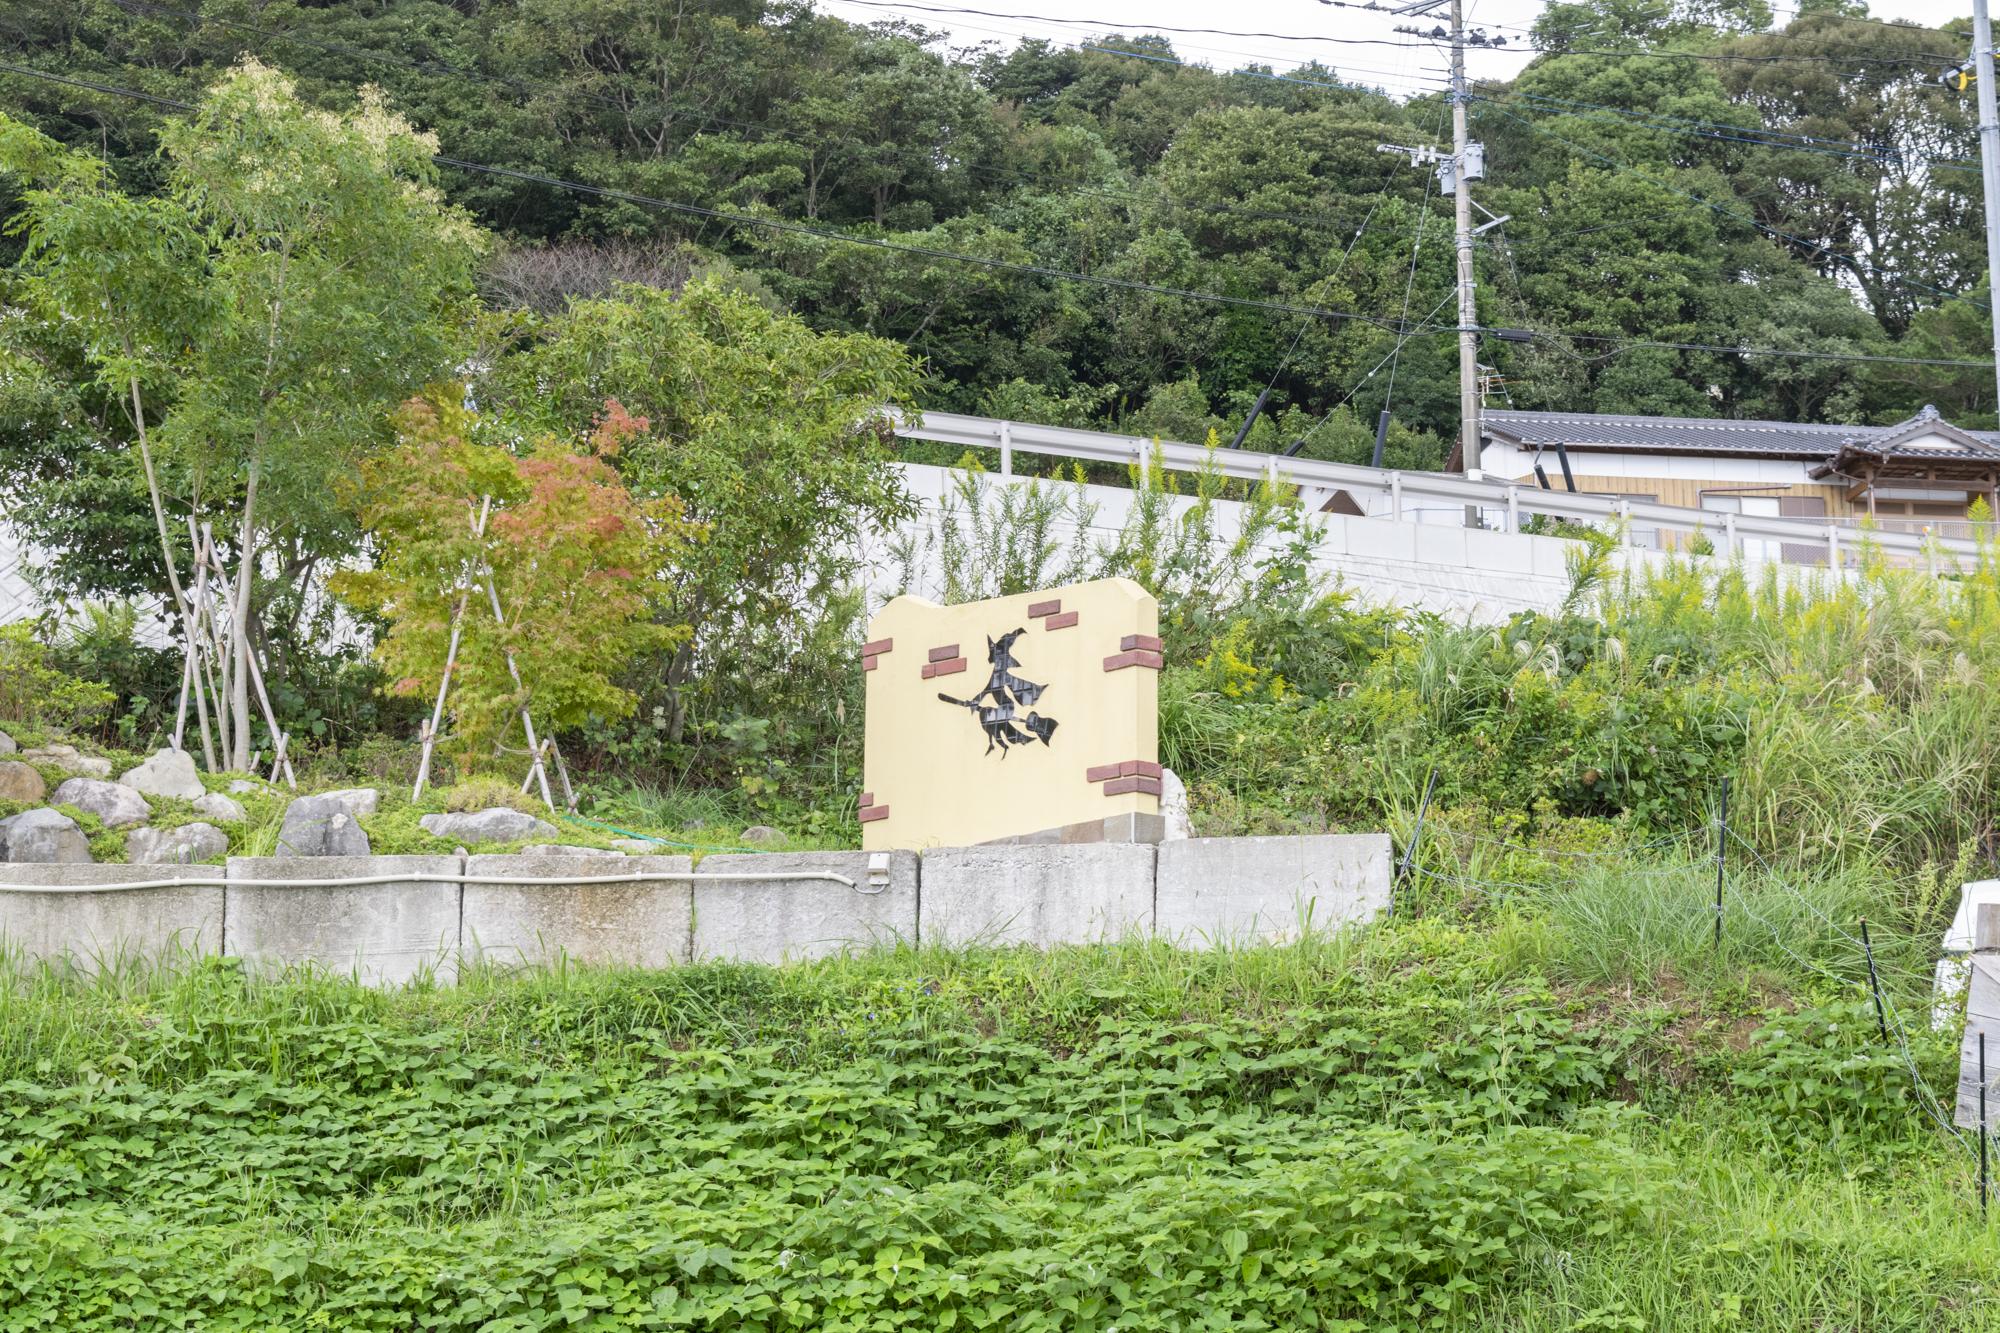 f:id:mitatowa:20181009233734j:plain